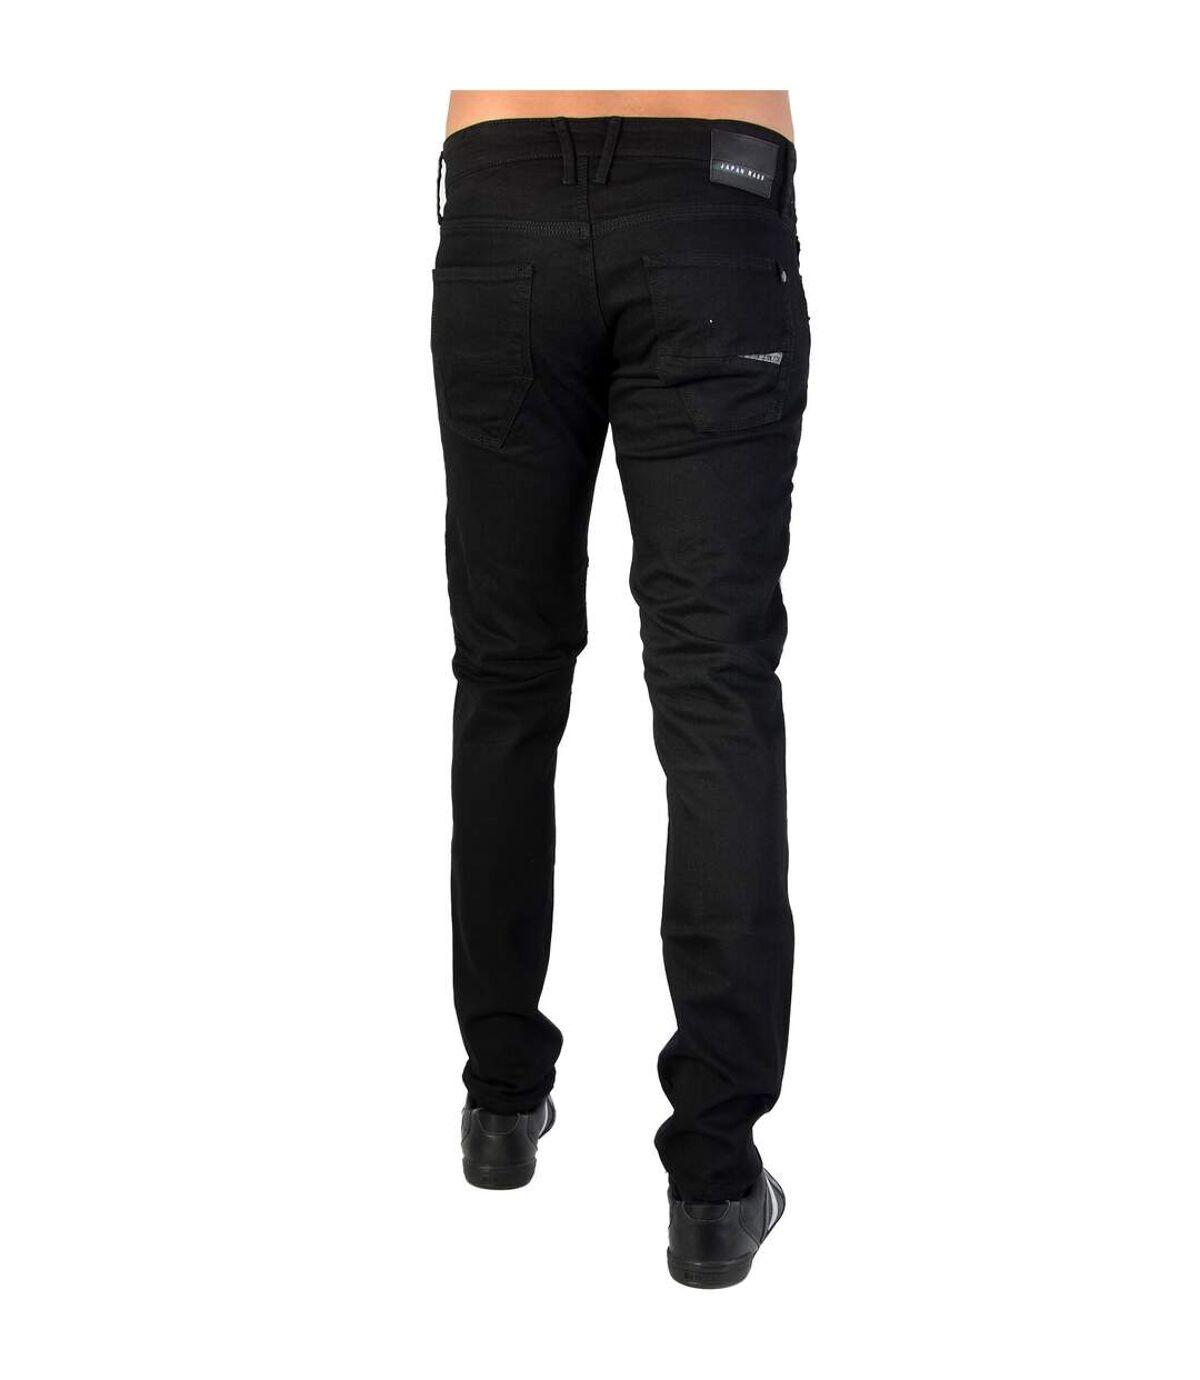 Jeans Japan Rags 711 WRES ND Moore Black